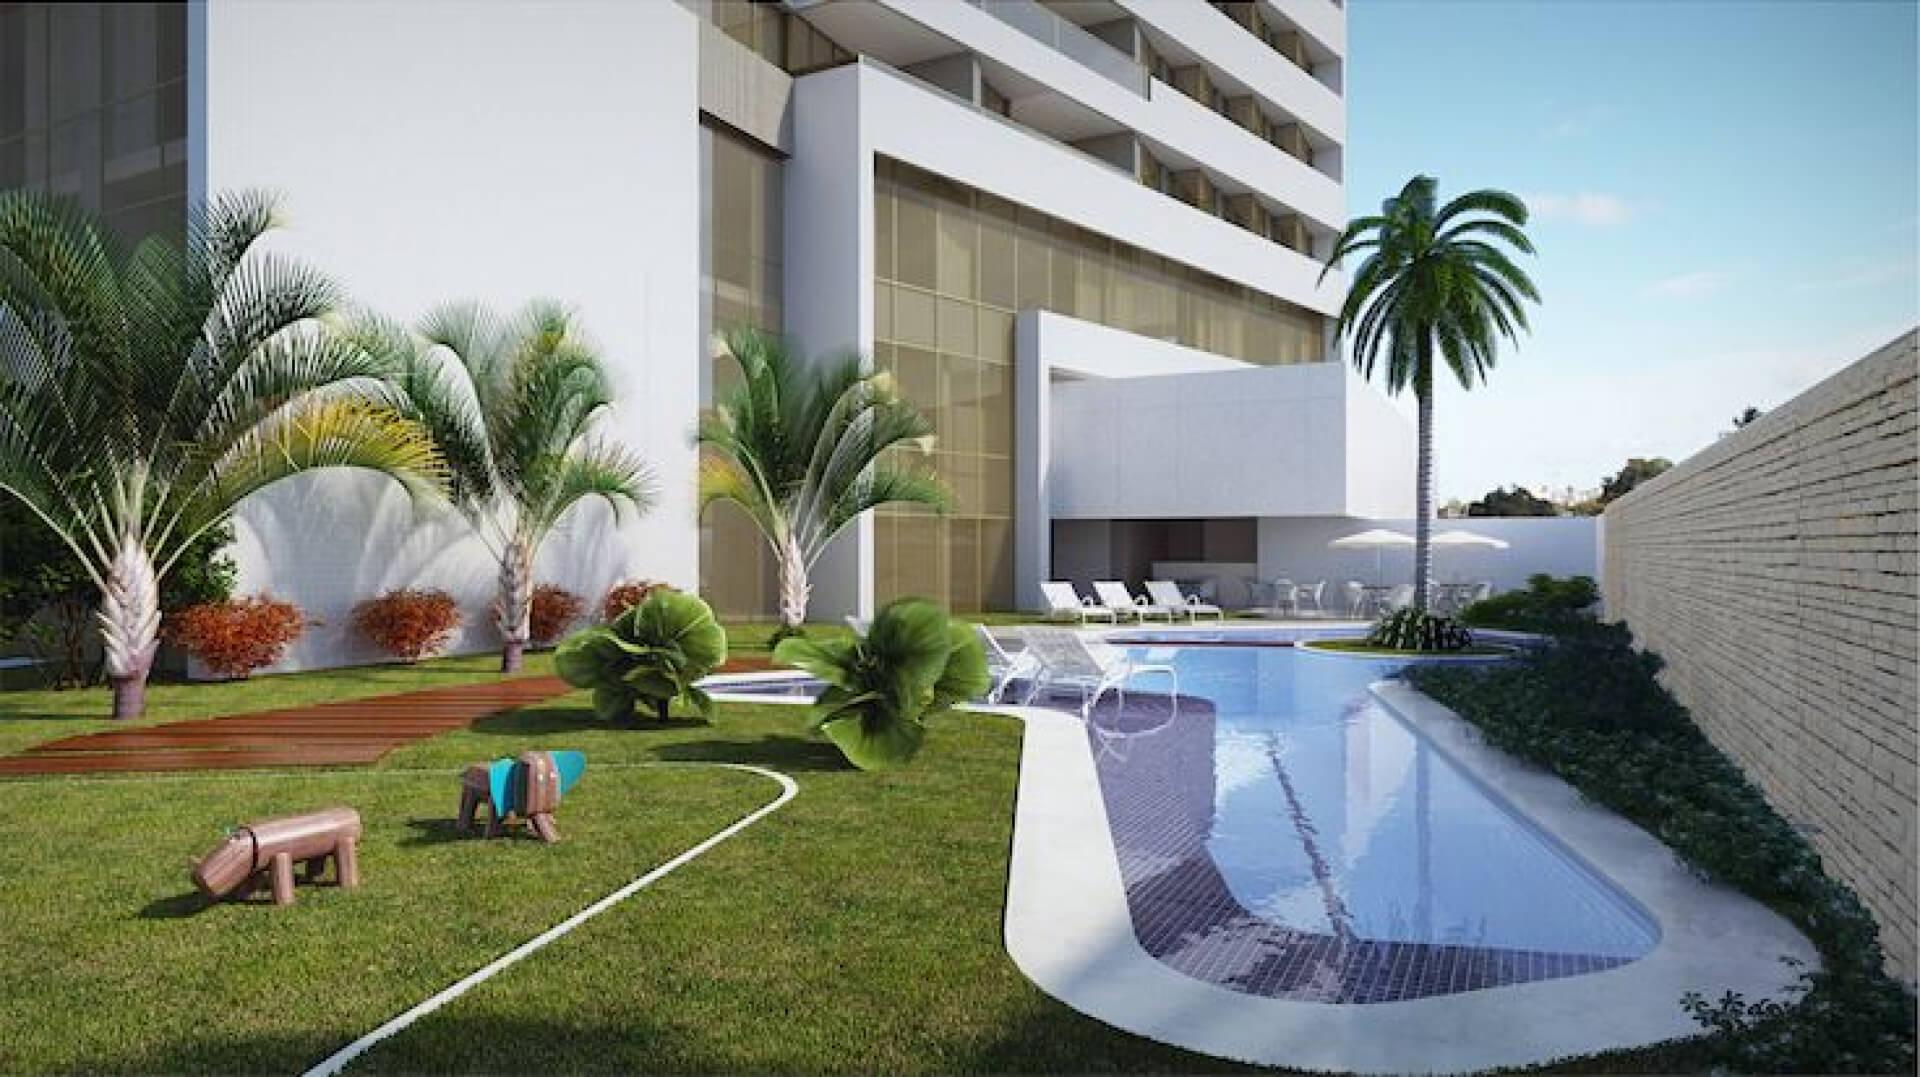 Edifício Jayme Figueiredo, foto 2